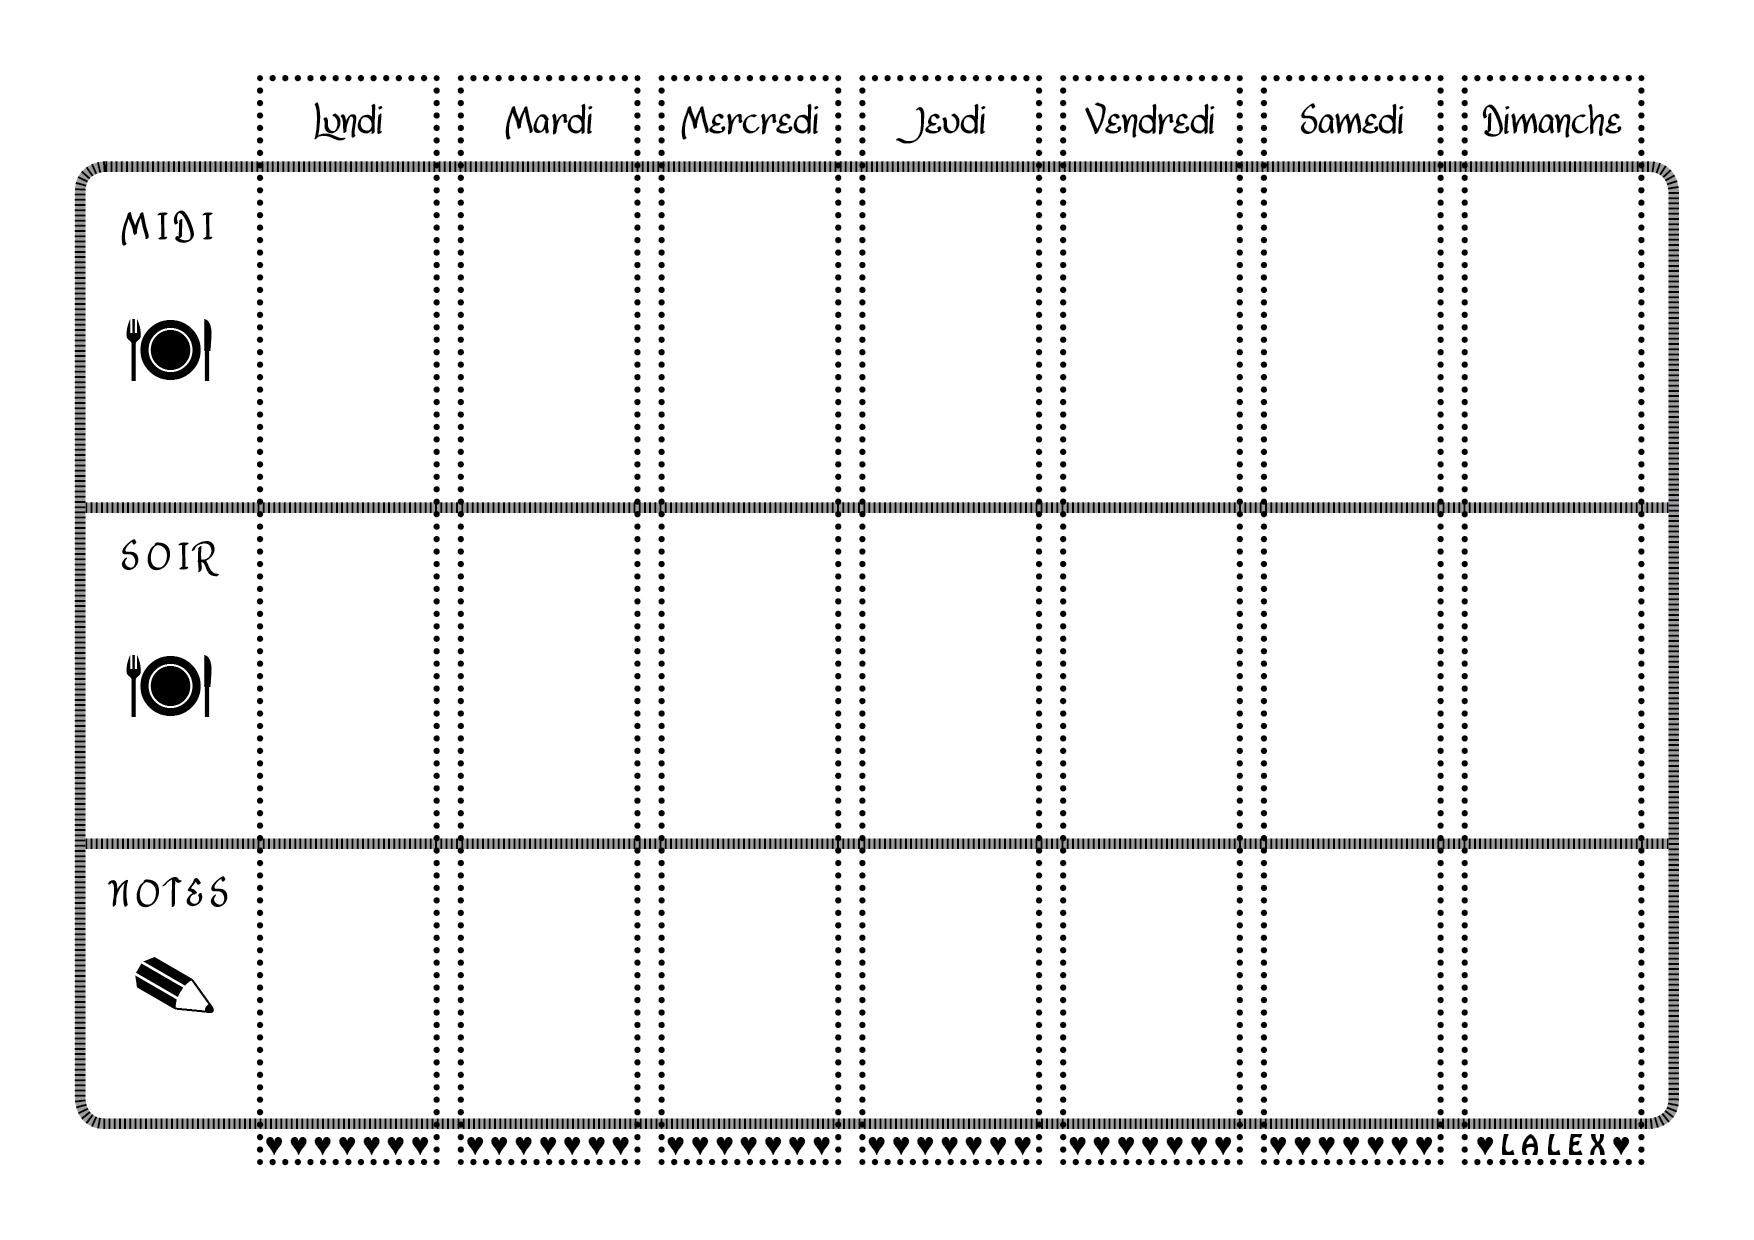 Tableau De Planification Des Repas De La Semaine A Imprimer En Noir Et Blanc Avec Images Planning Vierge Menu Semaine